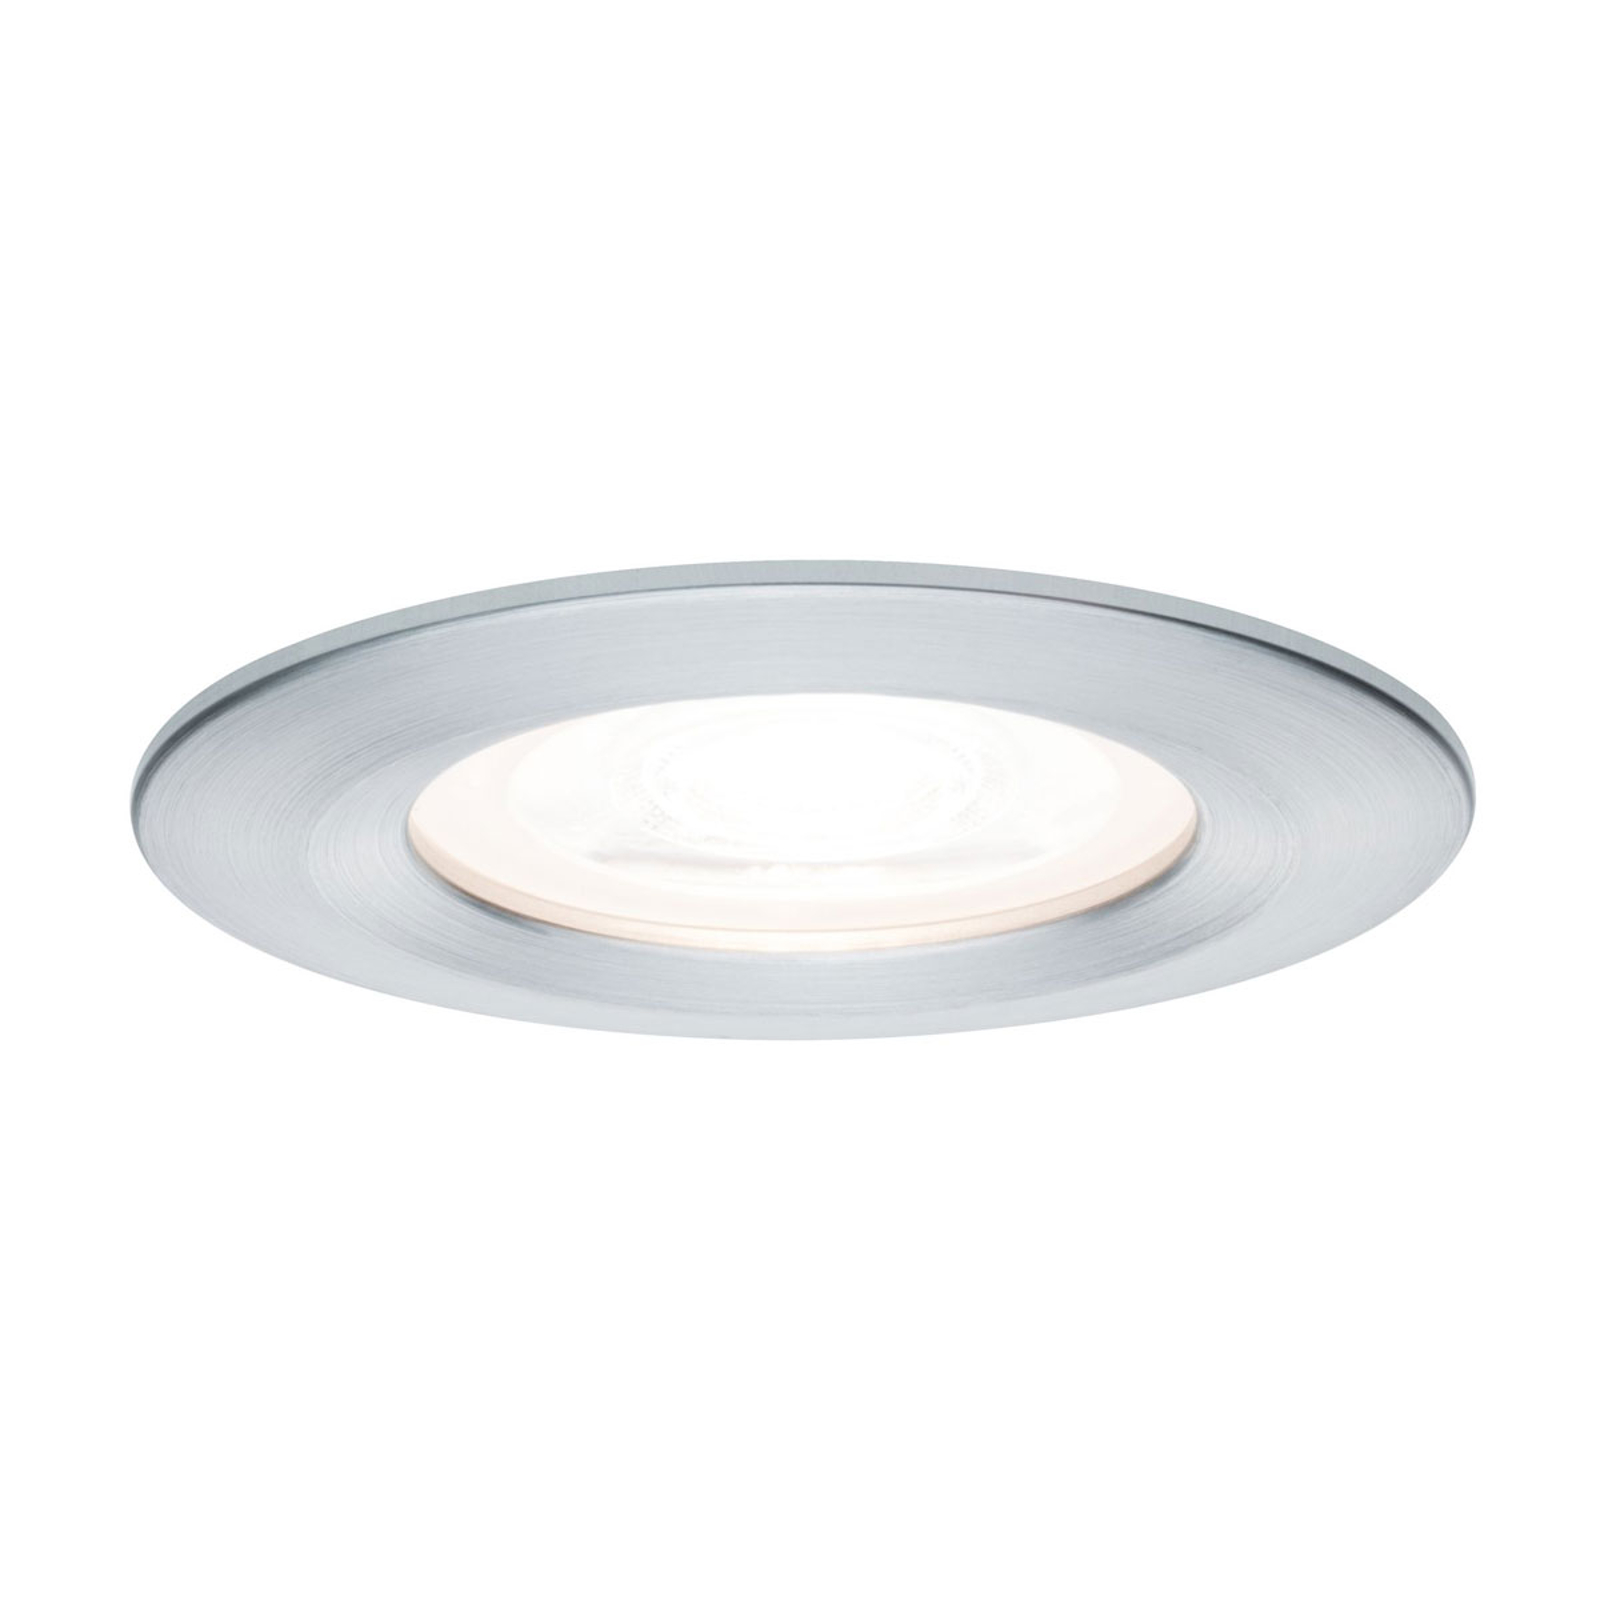 Paulmann LED-spot Nova rund, IP44 dimbar aluminium